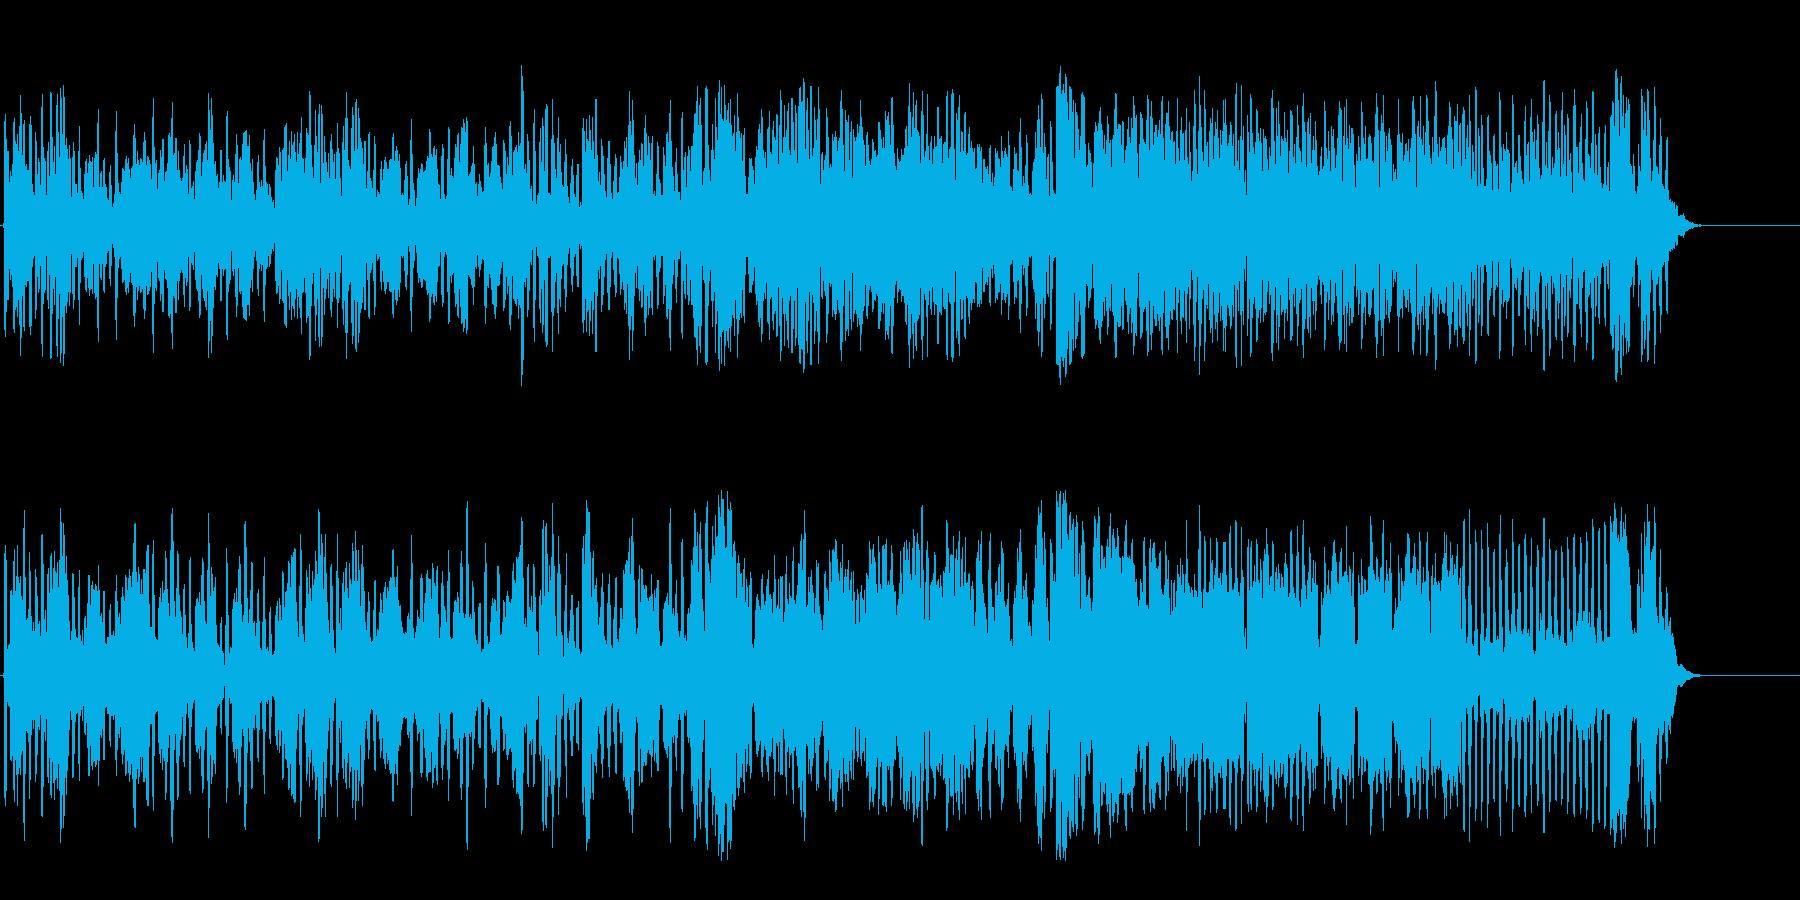 フルートアンサンブルの可憐なクラシックの再生済みの波形